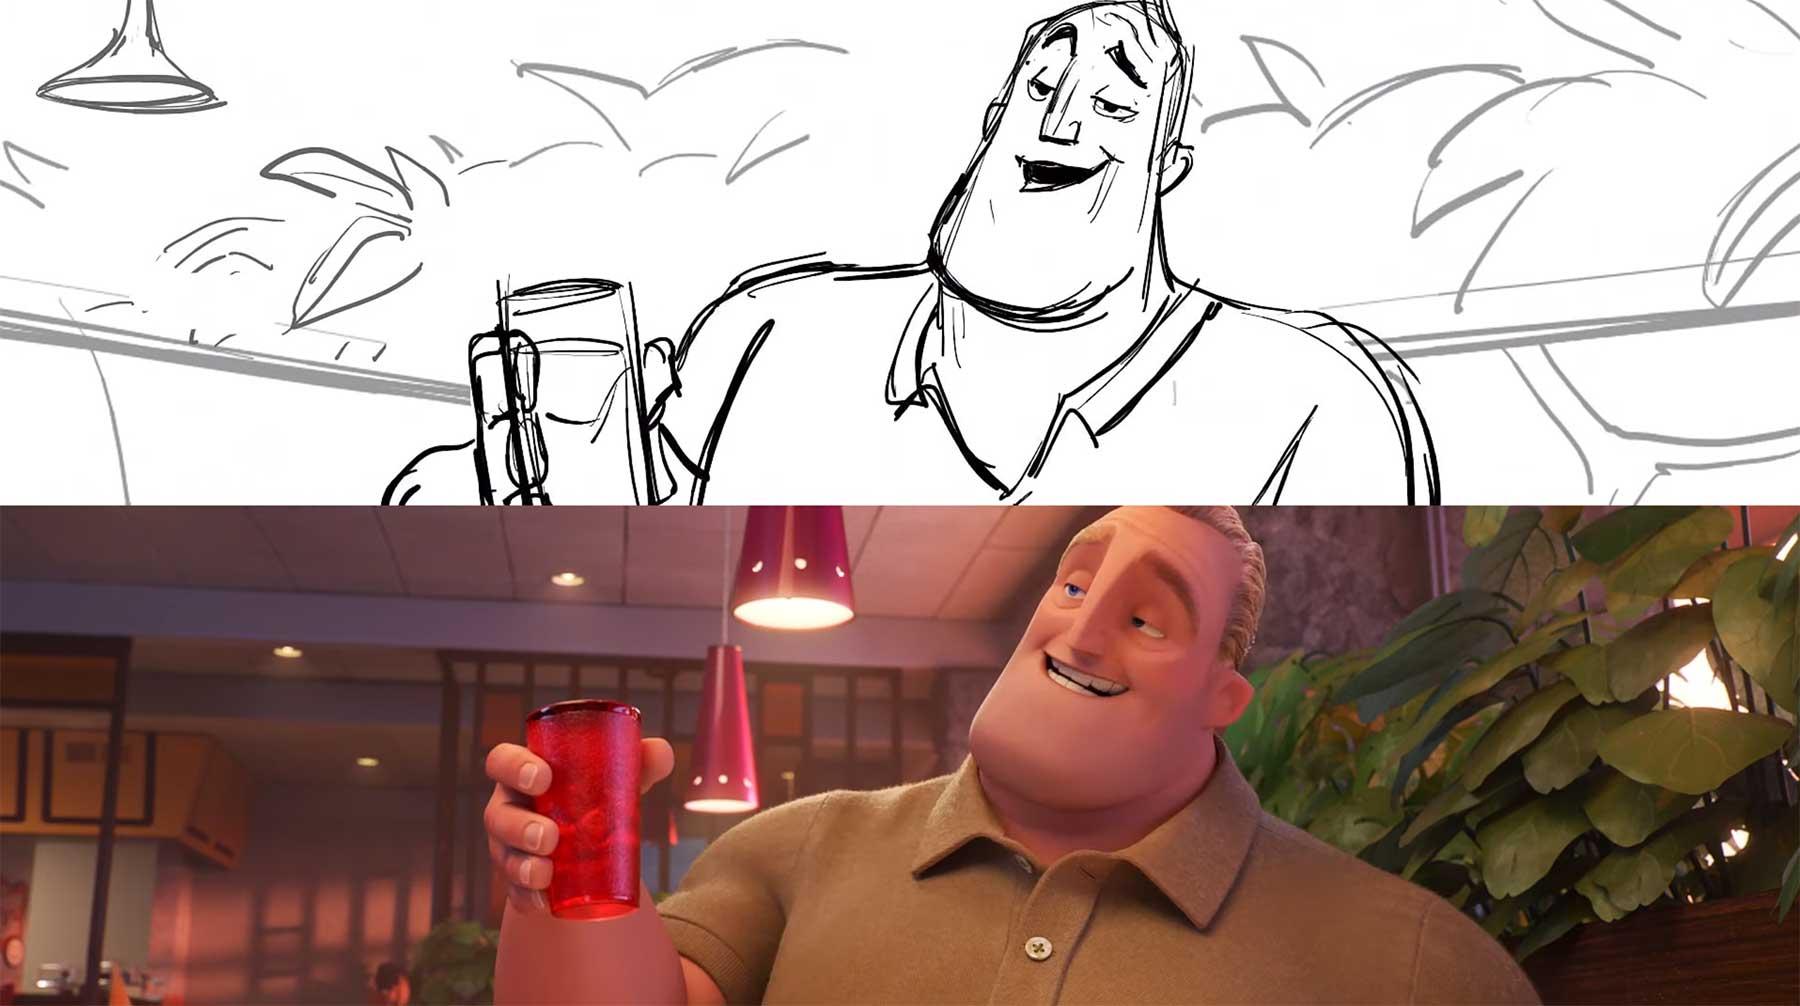 """Von Storyboard zur finalen Szene: """"Die Unglaublichen 2"""" von-storyboard-zur-finalen-szene-incredibles-2"""